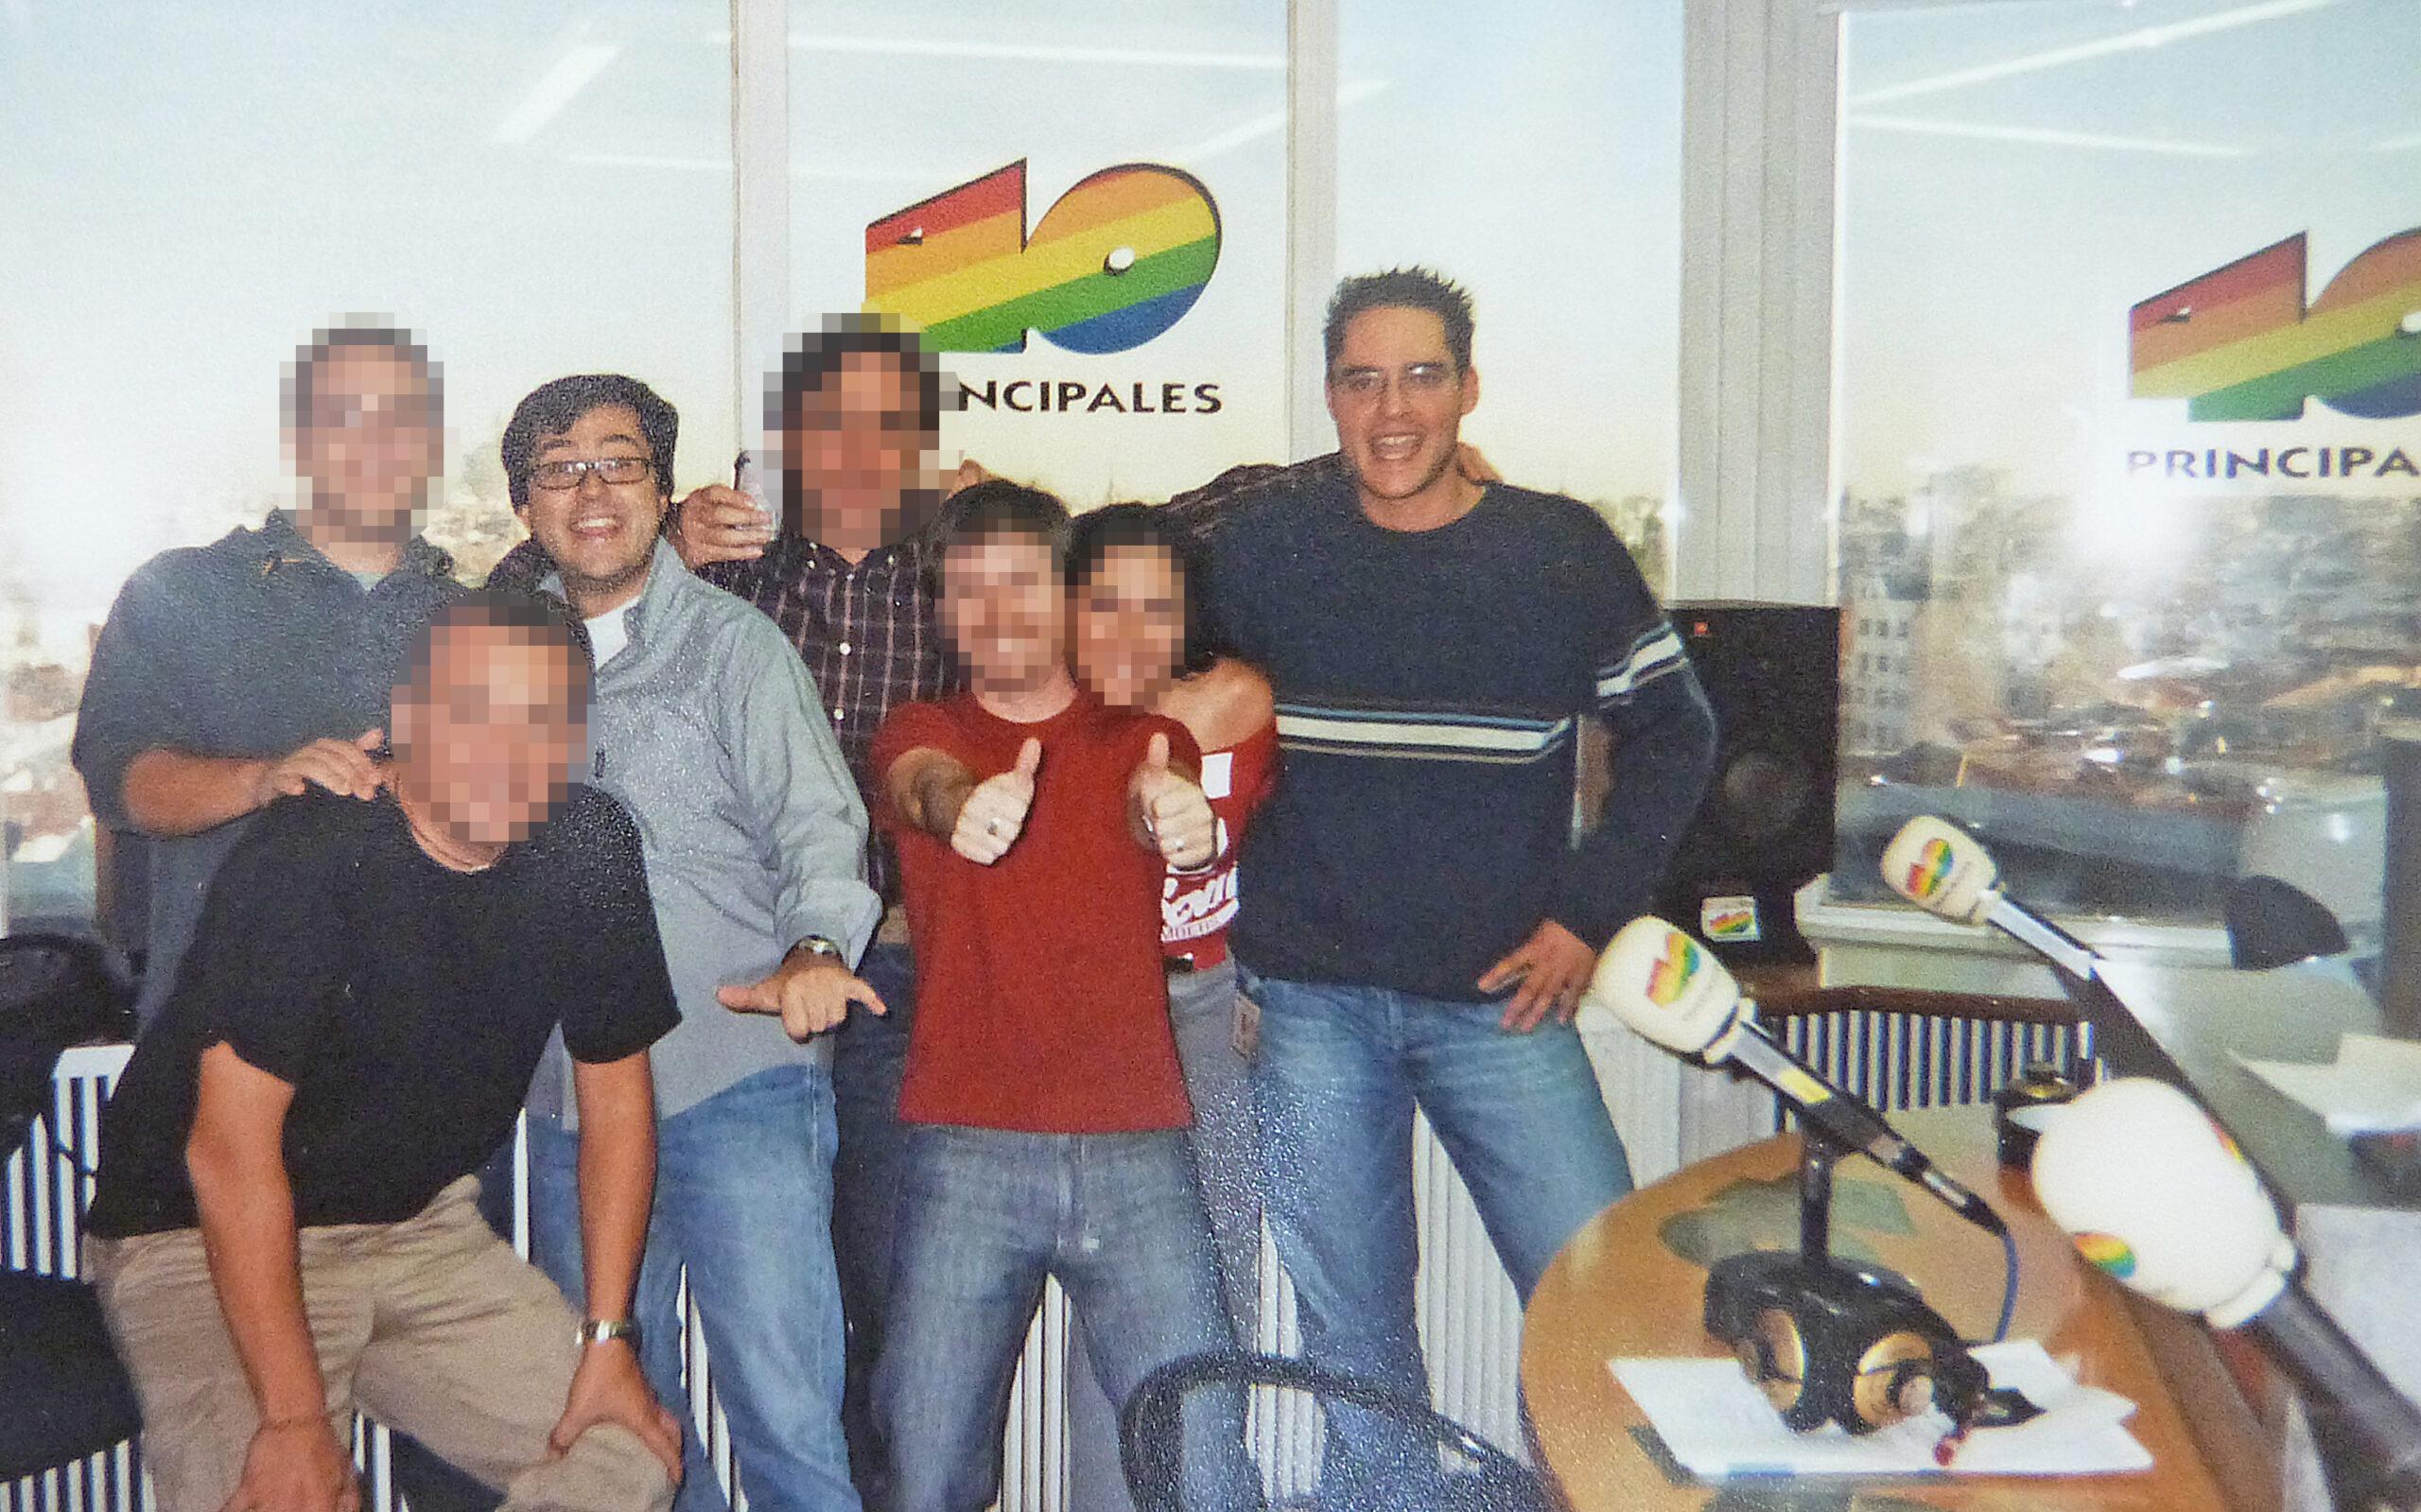 ivan jimenez con compañeros como Juanma Ortega de los 40 Principales